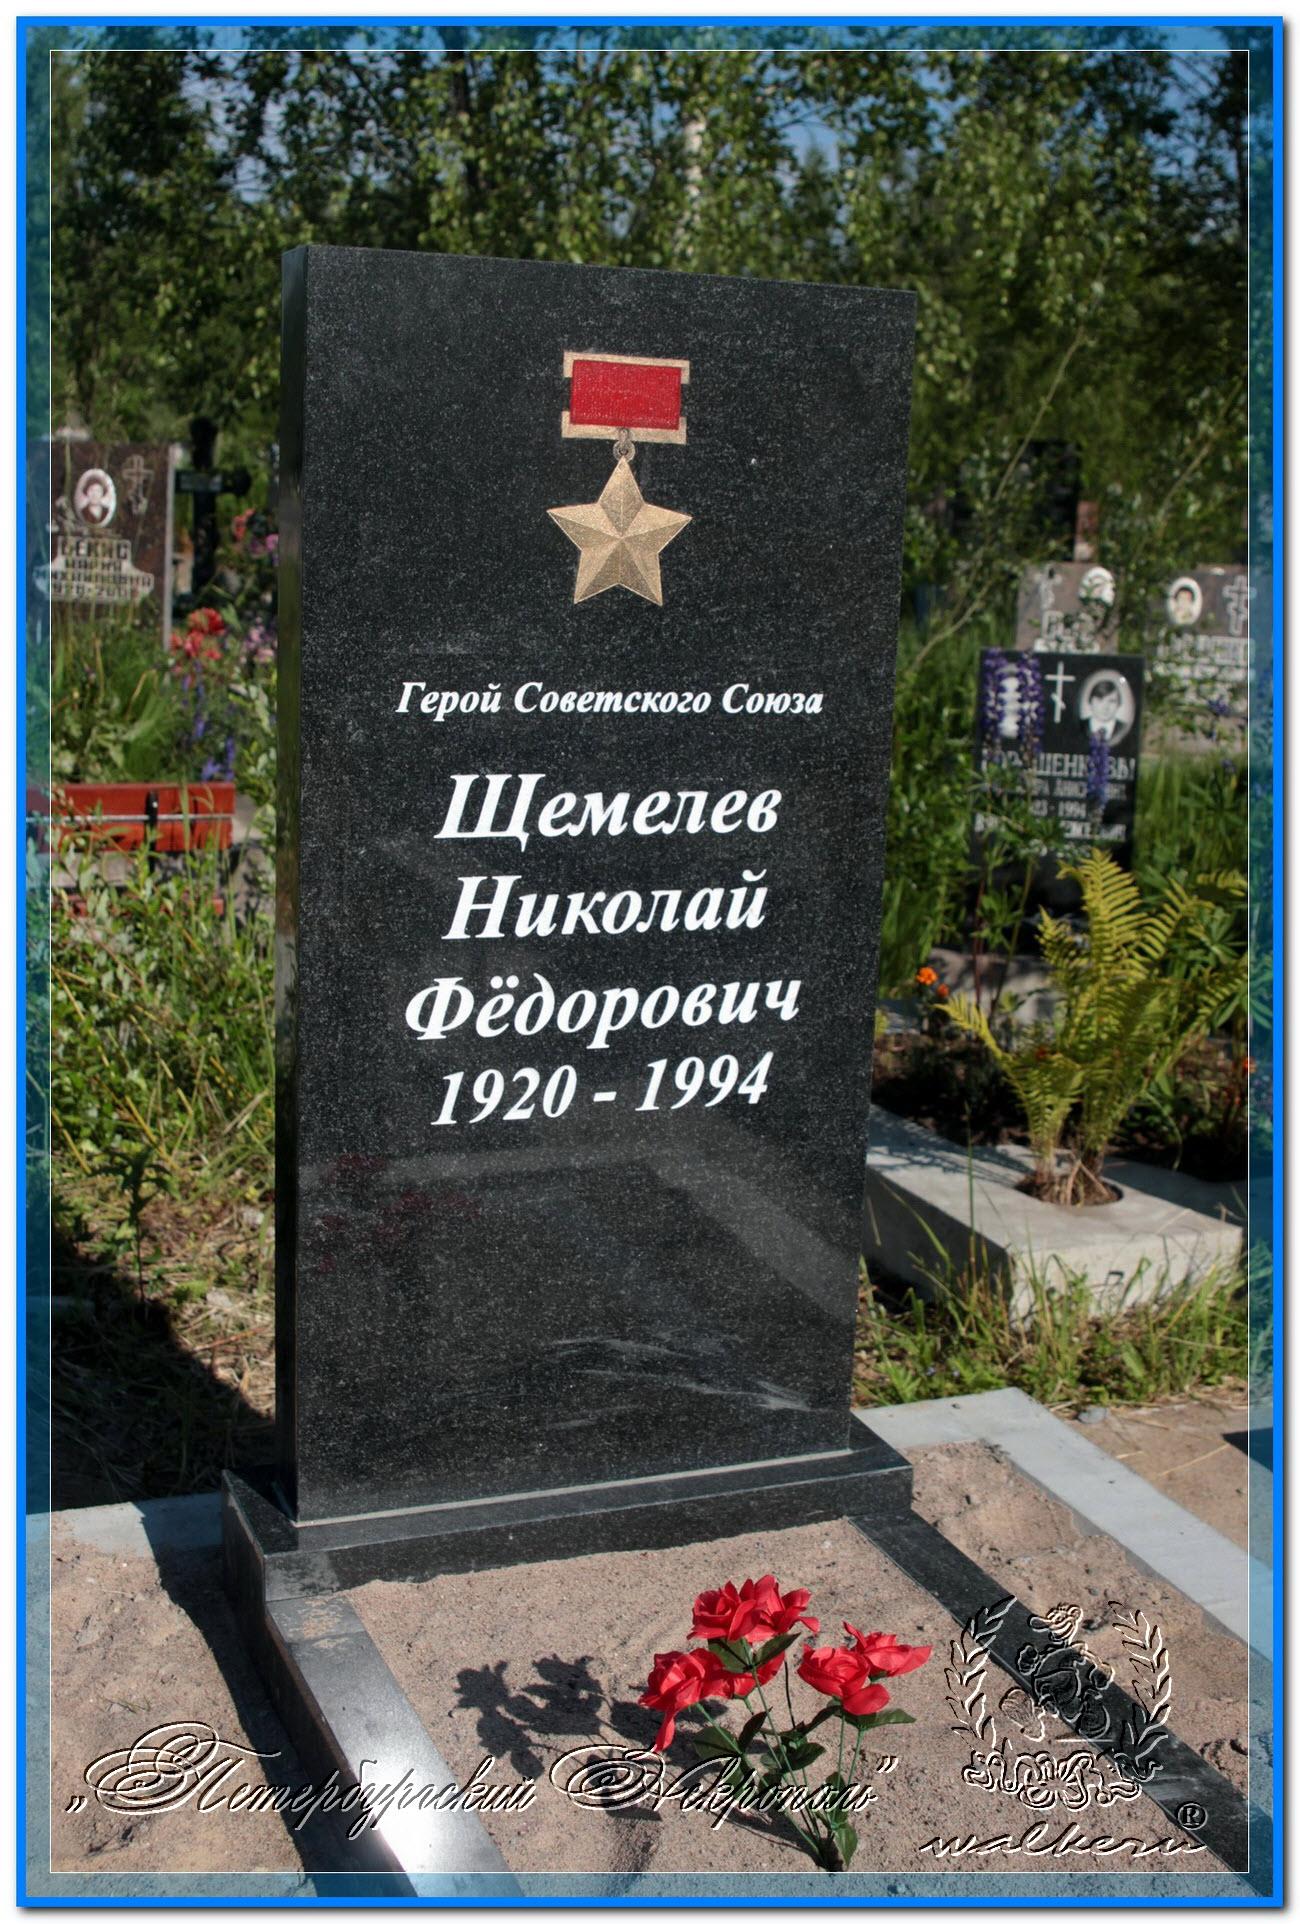 © Щемелёв Николай Фёдорович